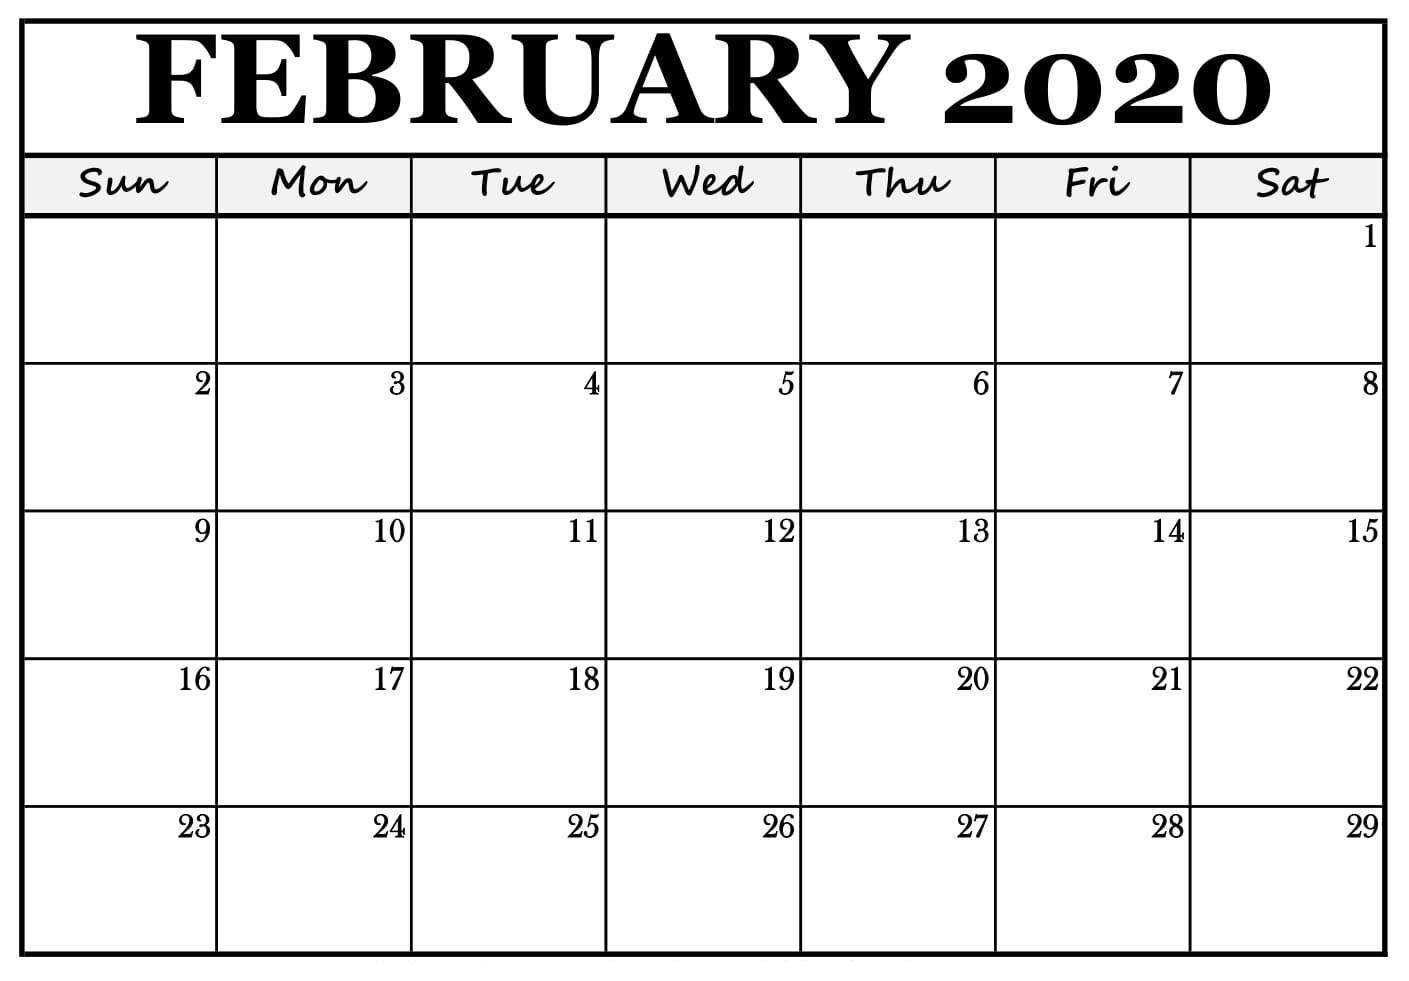 February 2020 Calendar Nz (New Zealand) - 2019 Calendars For